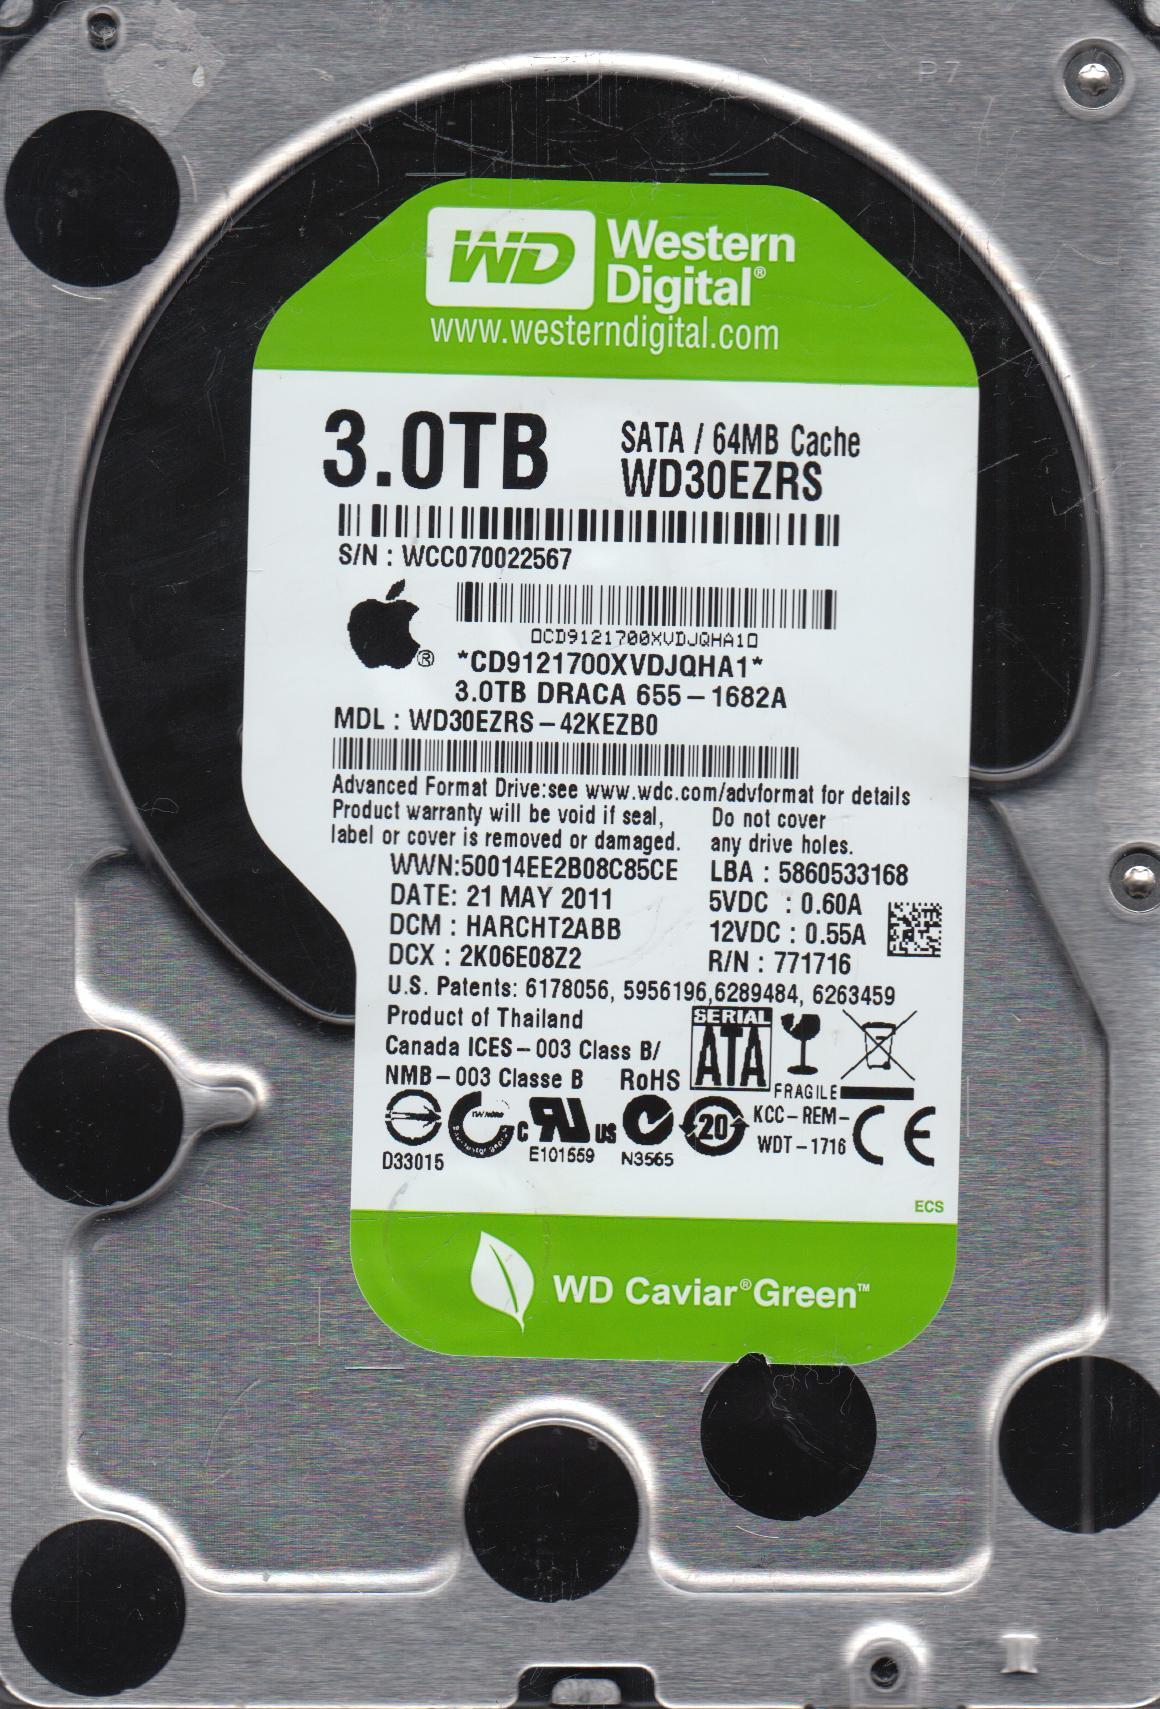 WD30EZRS-42KEZB0, DCM HARCHT2ABB, Western Digital 3TB SATA 3.5 Hard Drive by WD